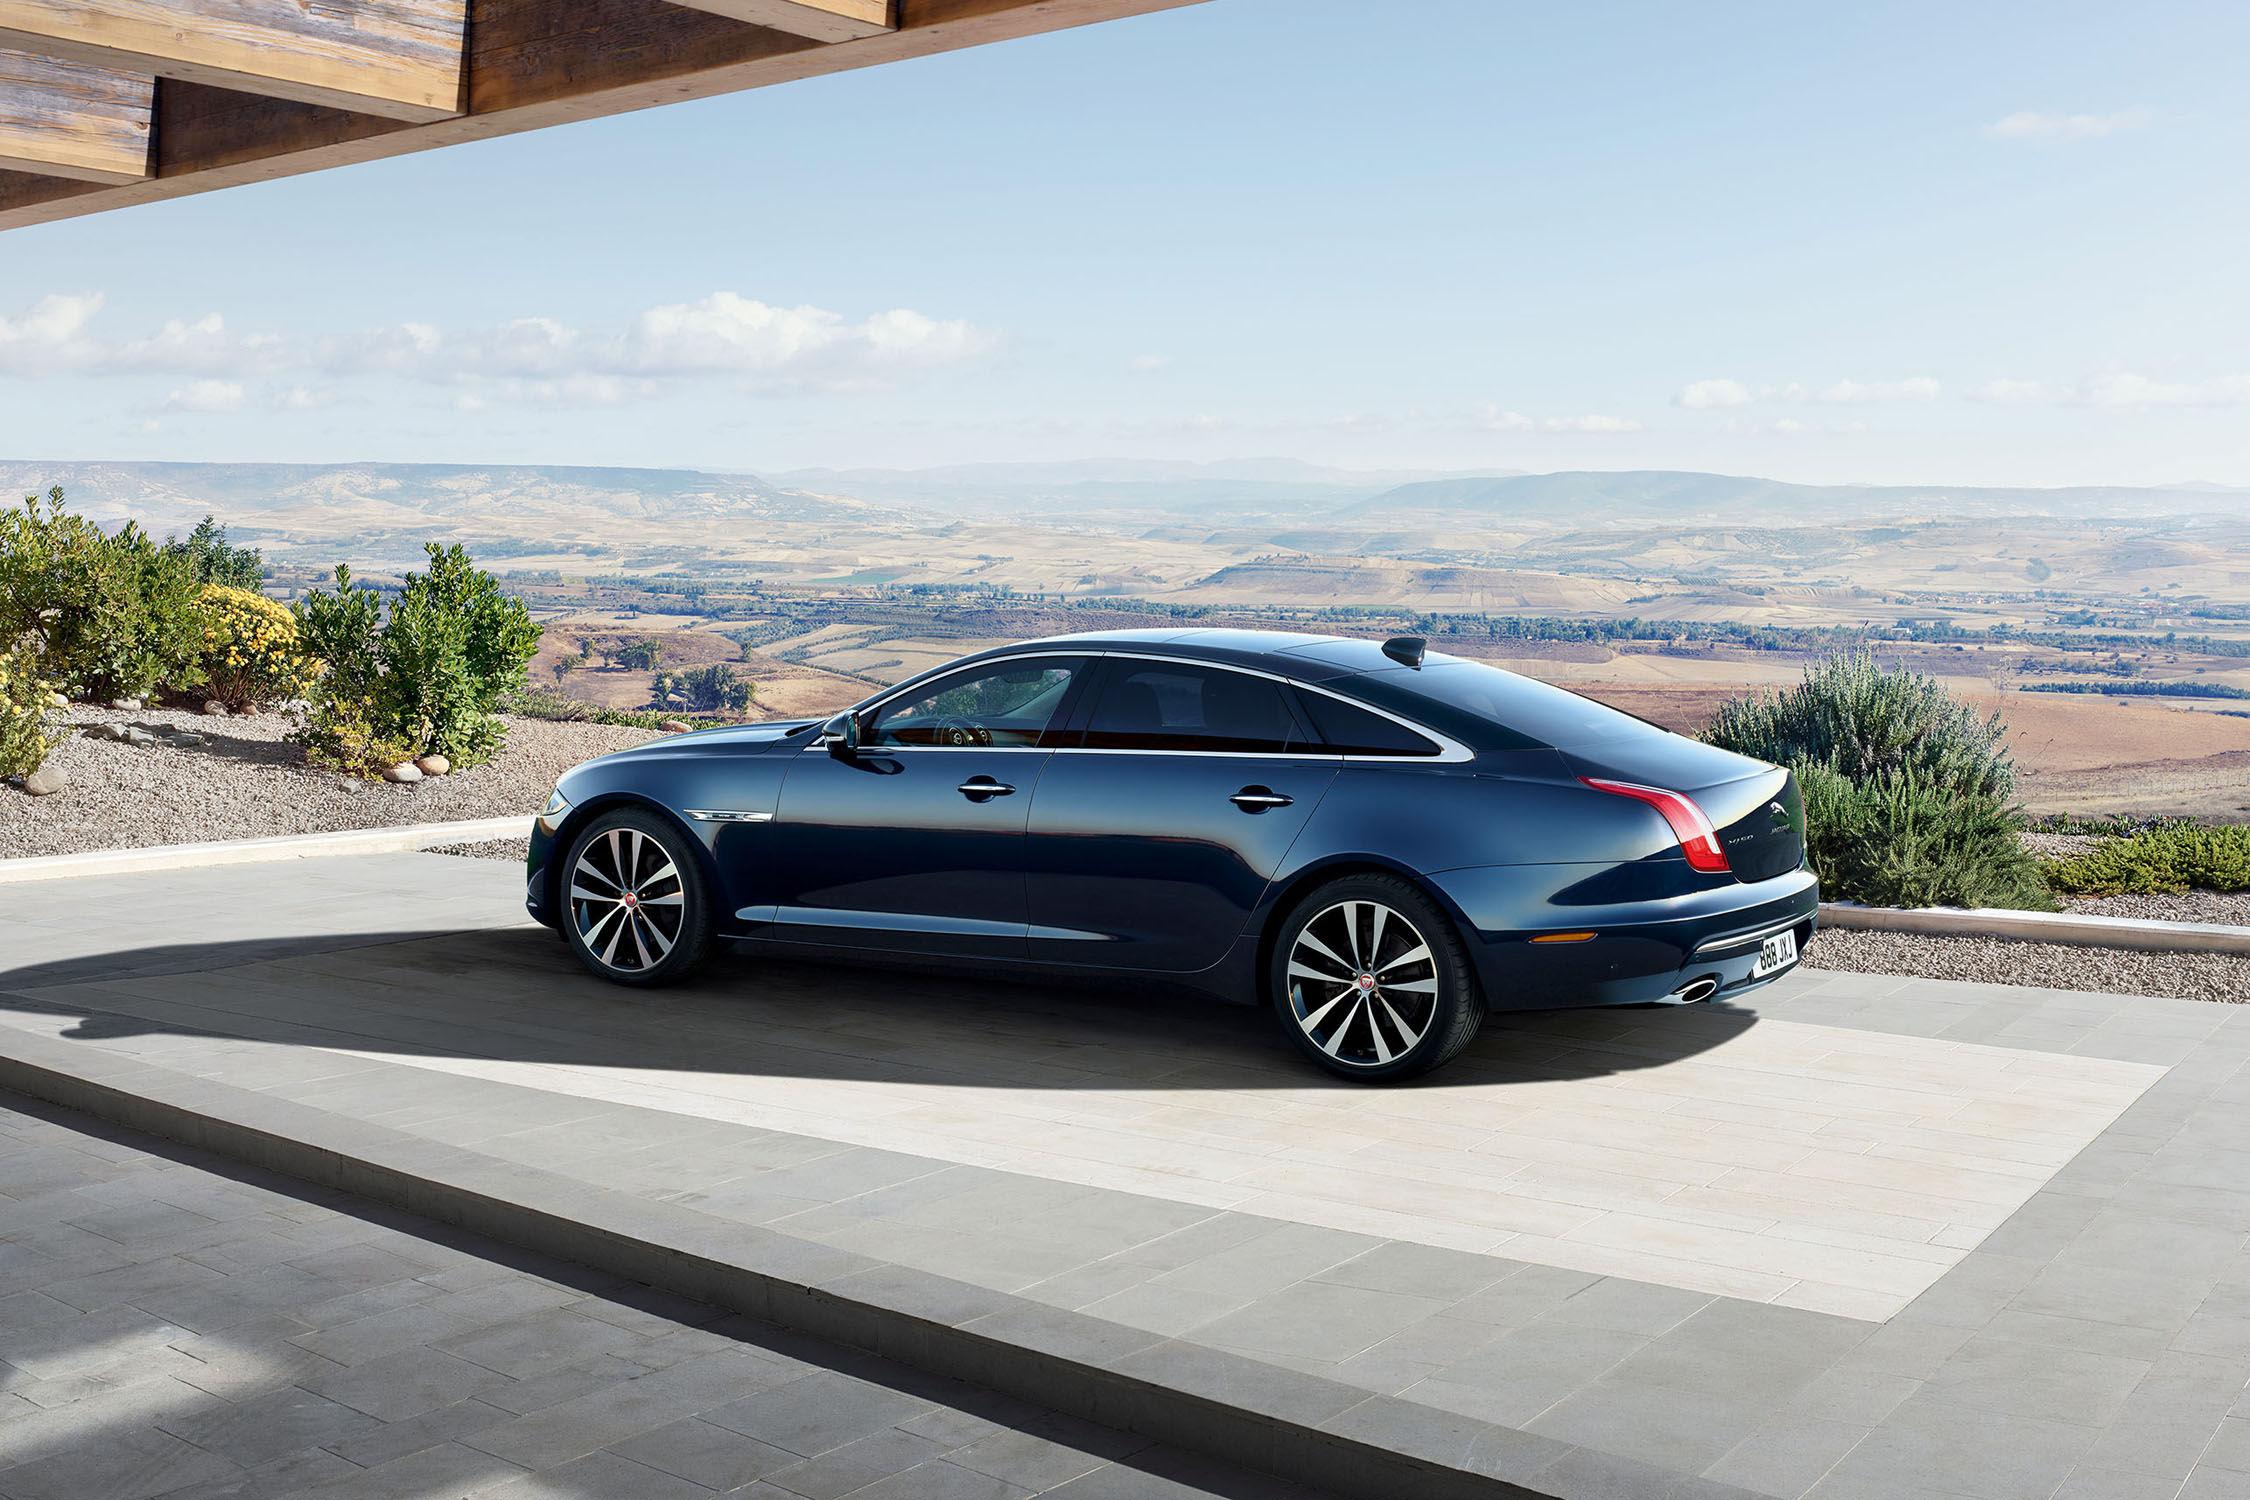 Jaguar fête les 50 ans de la XJ avec une édition spéciale